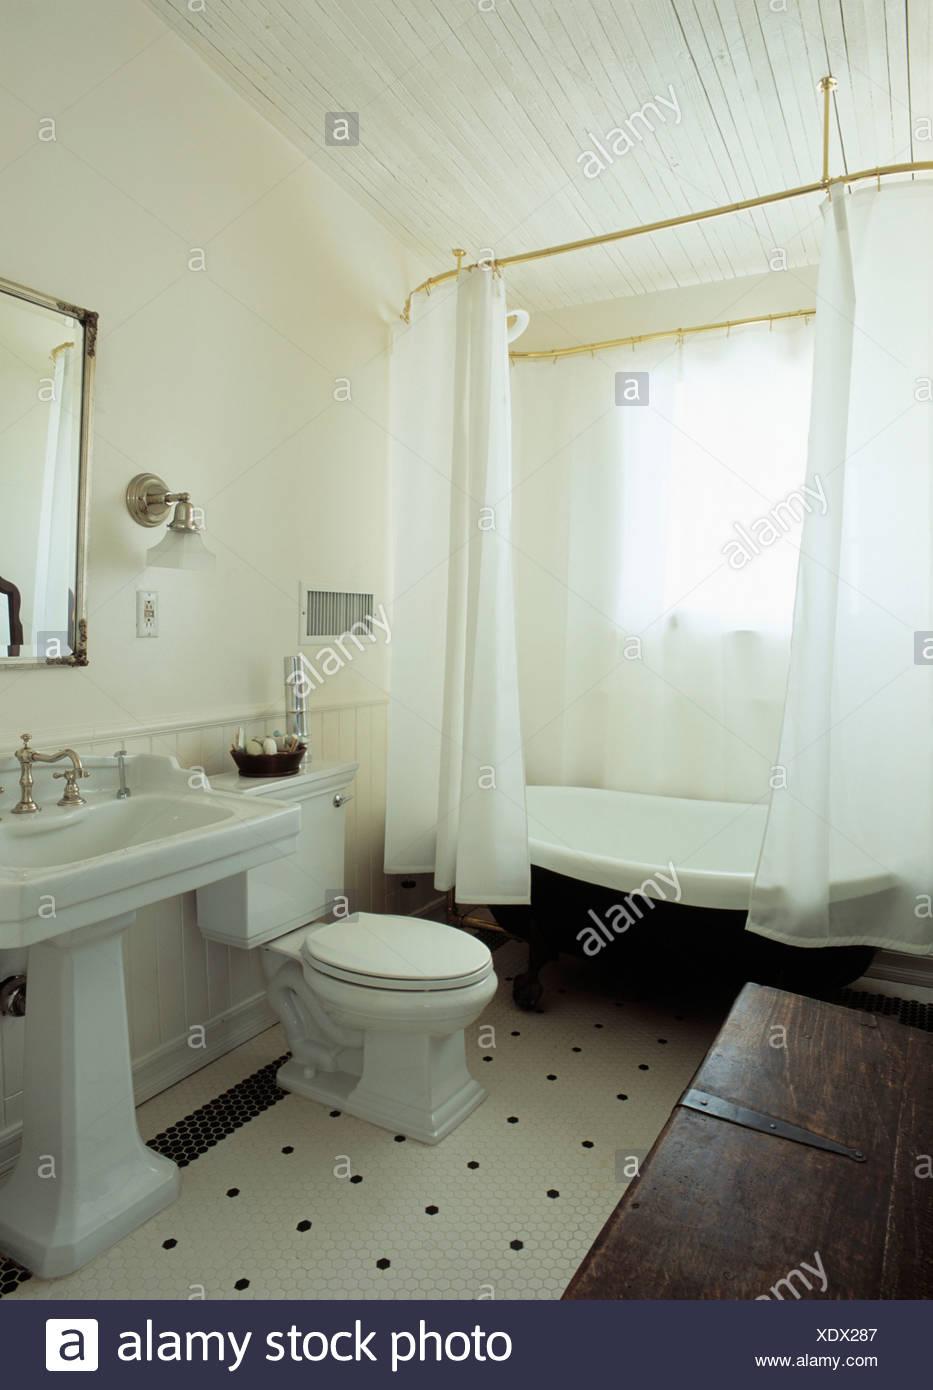 Las cortinas de ducha blanca en la bañera en el cuarto de baño ...